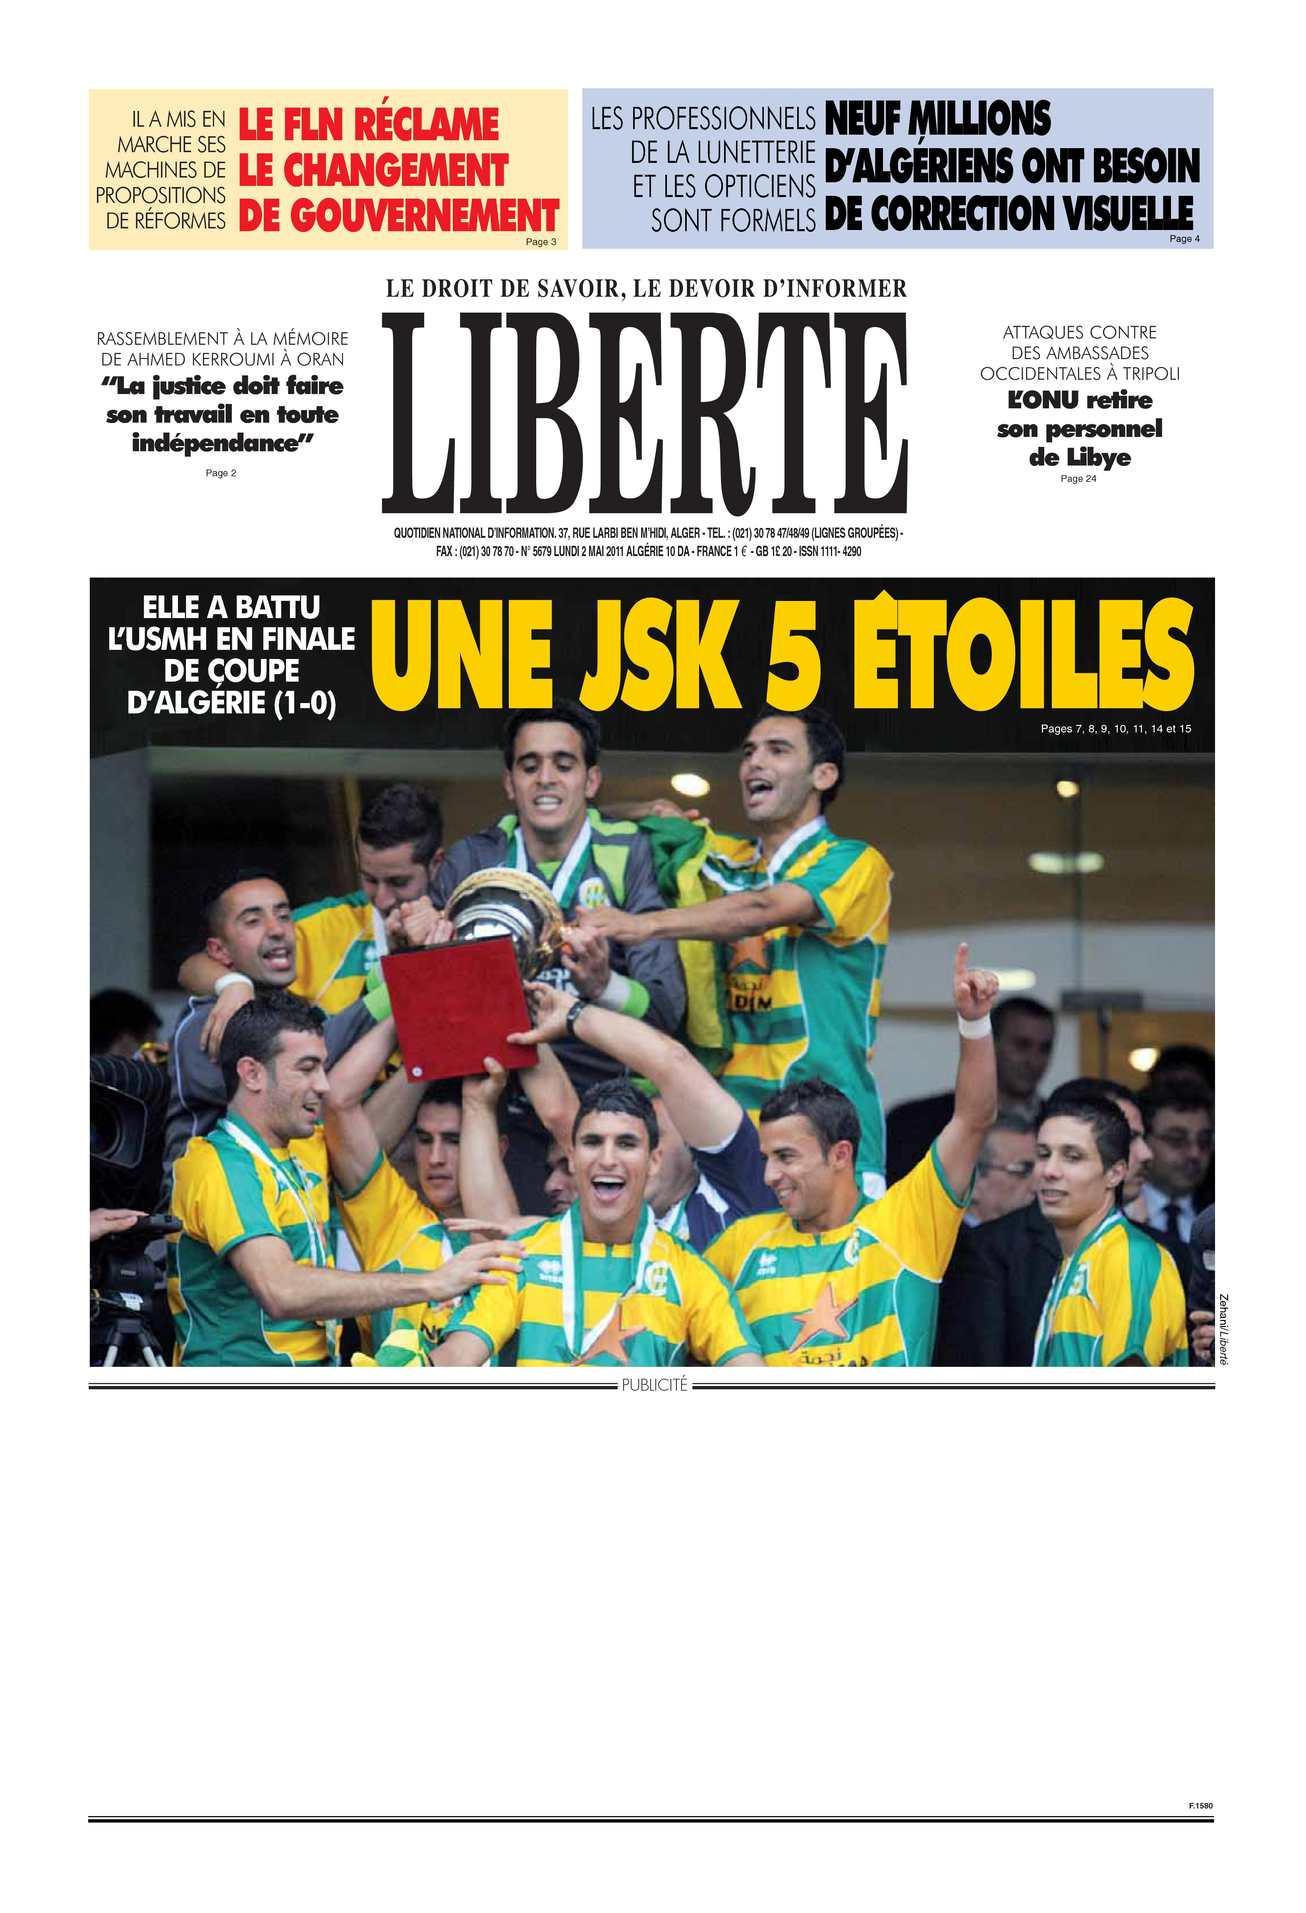 93a308a4b65 Calaméo - LIBERTE ALGERIE (liberte-algerie.com) du 02 Mai 2011